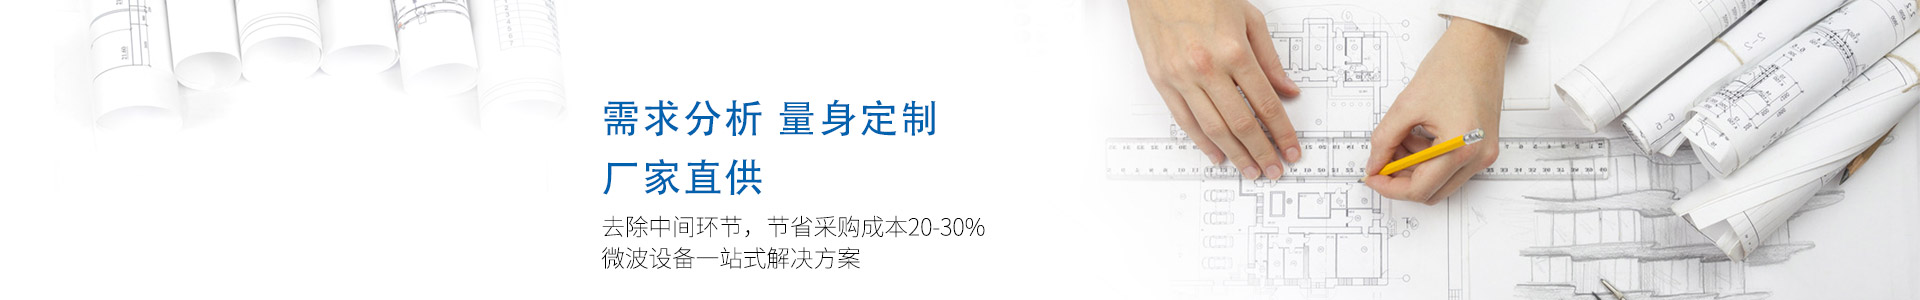 量身定制厂家直供,一站式微波设备解决方案-上海博奥微波